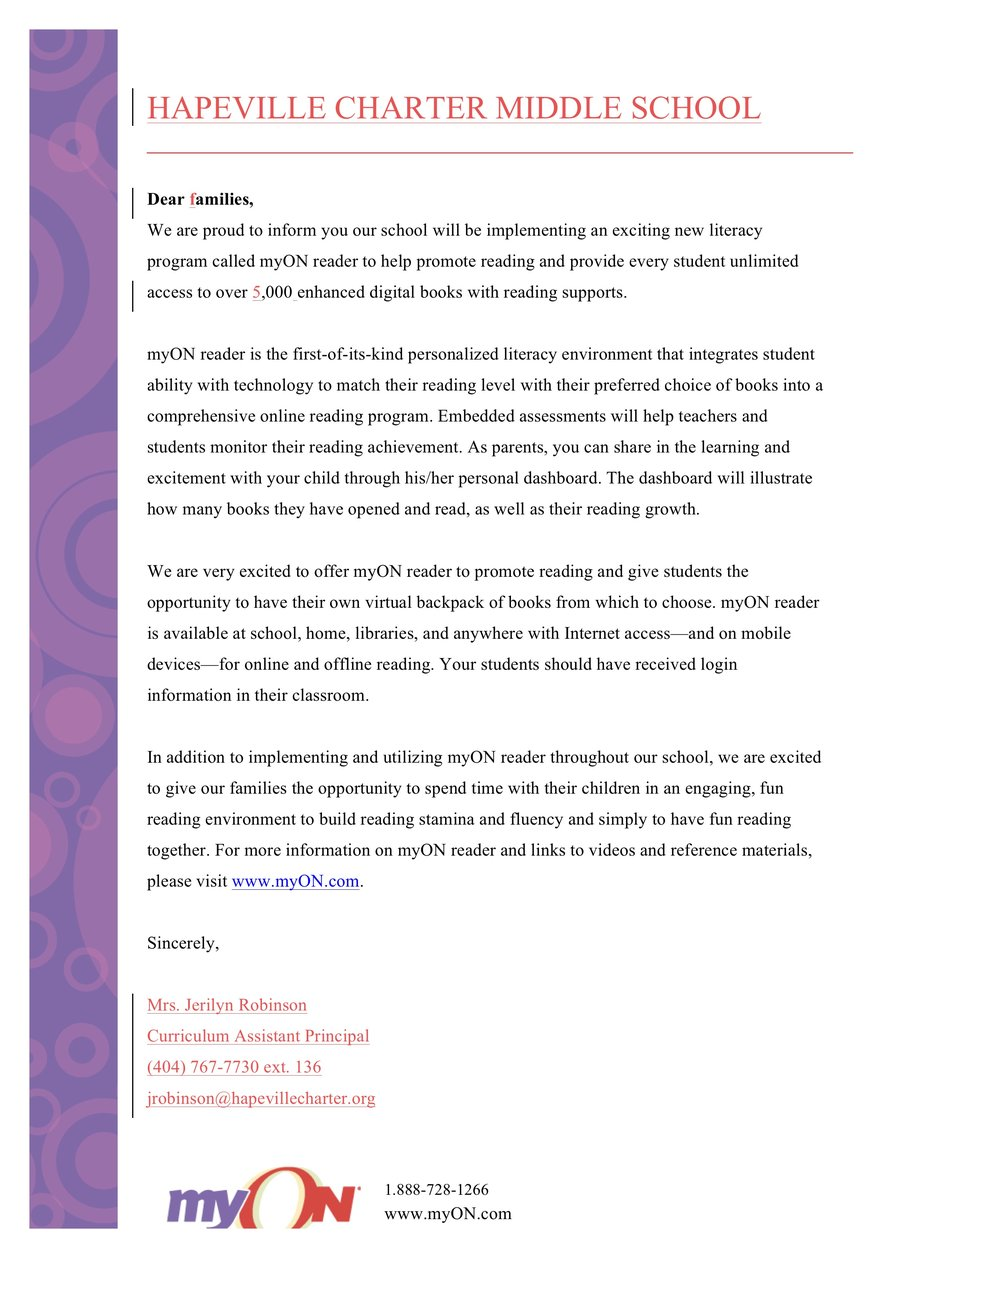 Newsletter Image7th Grade Newsletter 9-12 6.jpeg